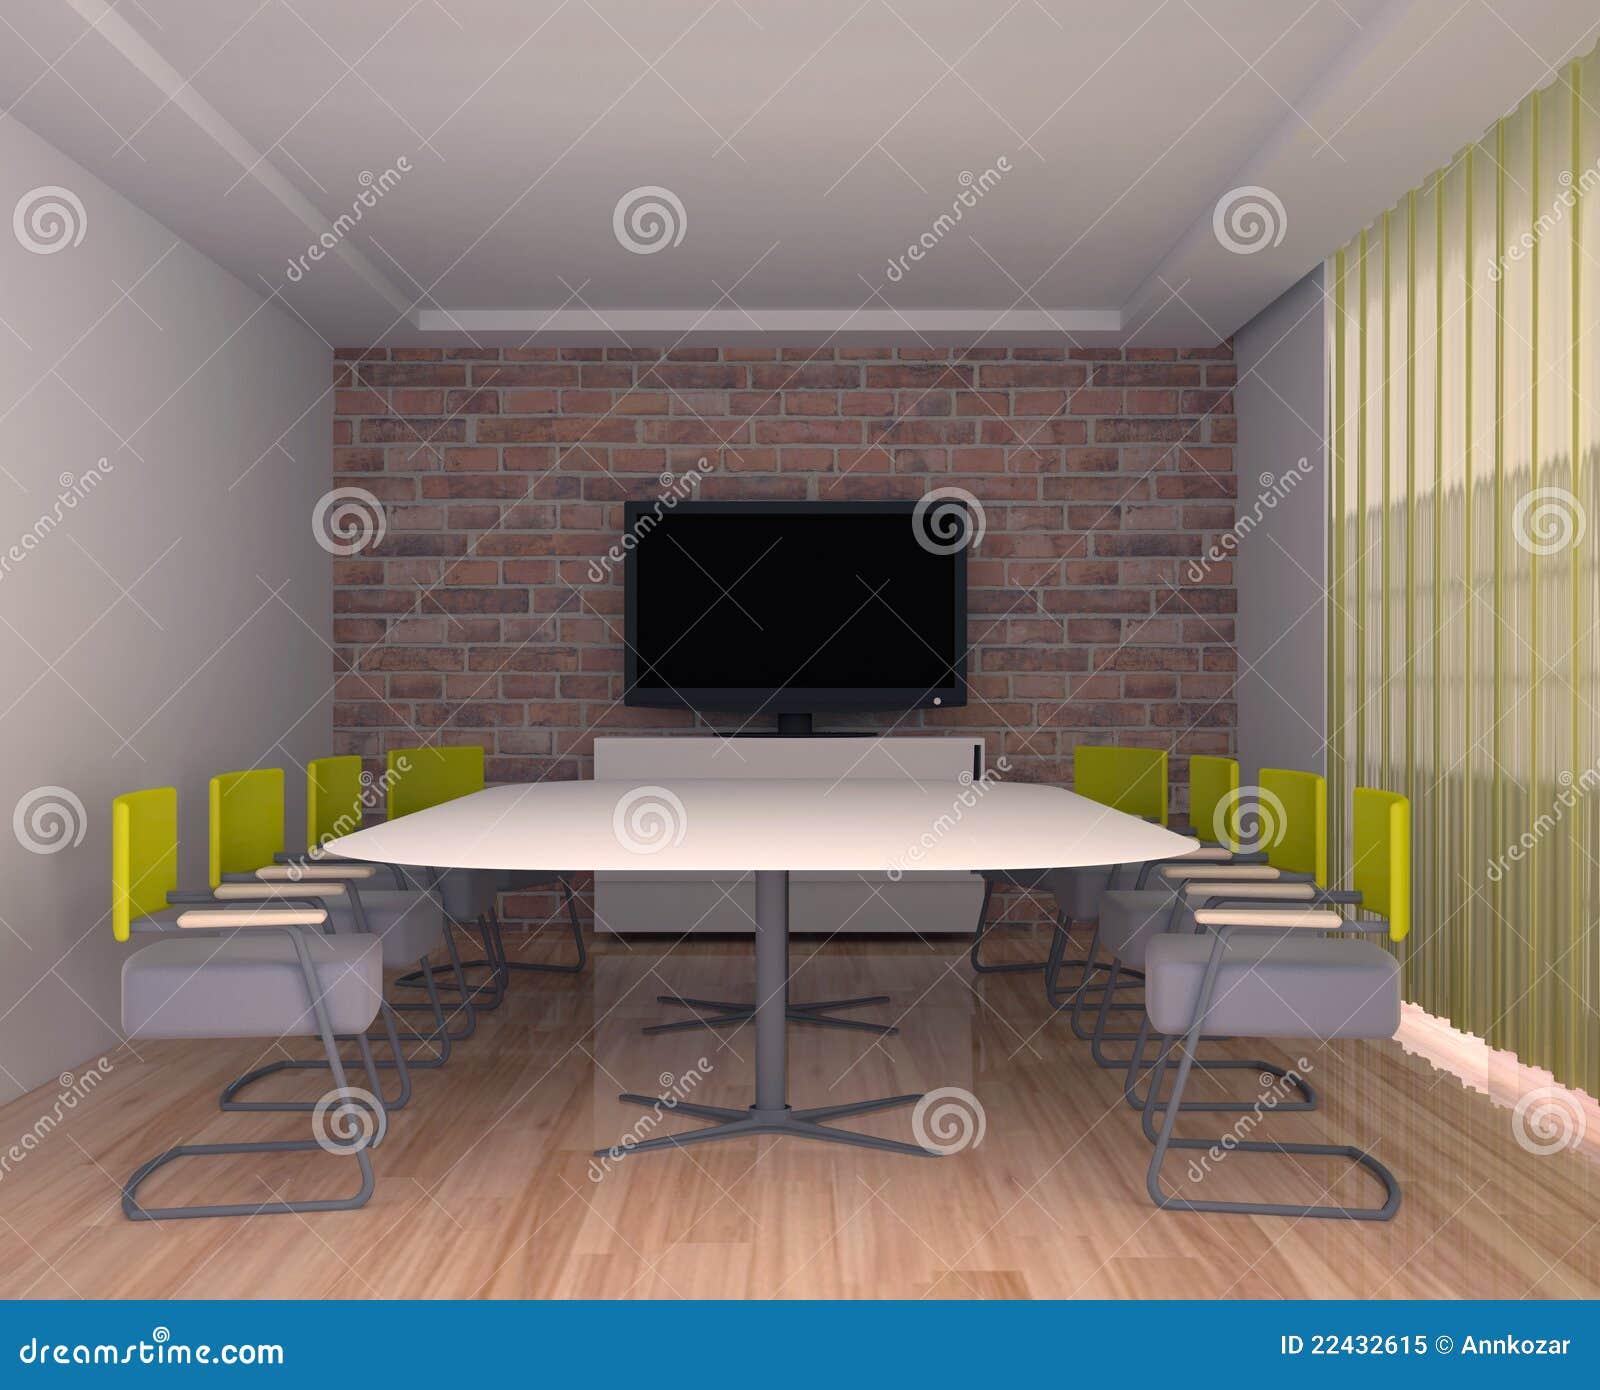 Salle De R Union Avec La Tv L 39 Int Rieur Du Bureau Photo Libre De Droits Image 22432615